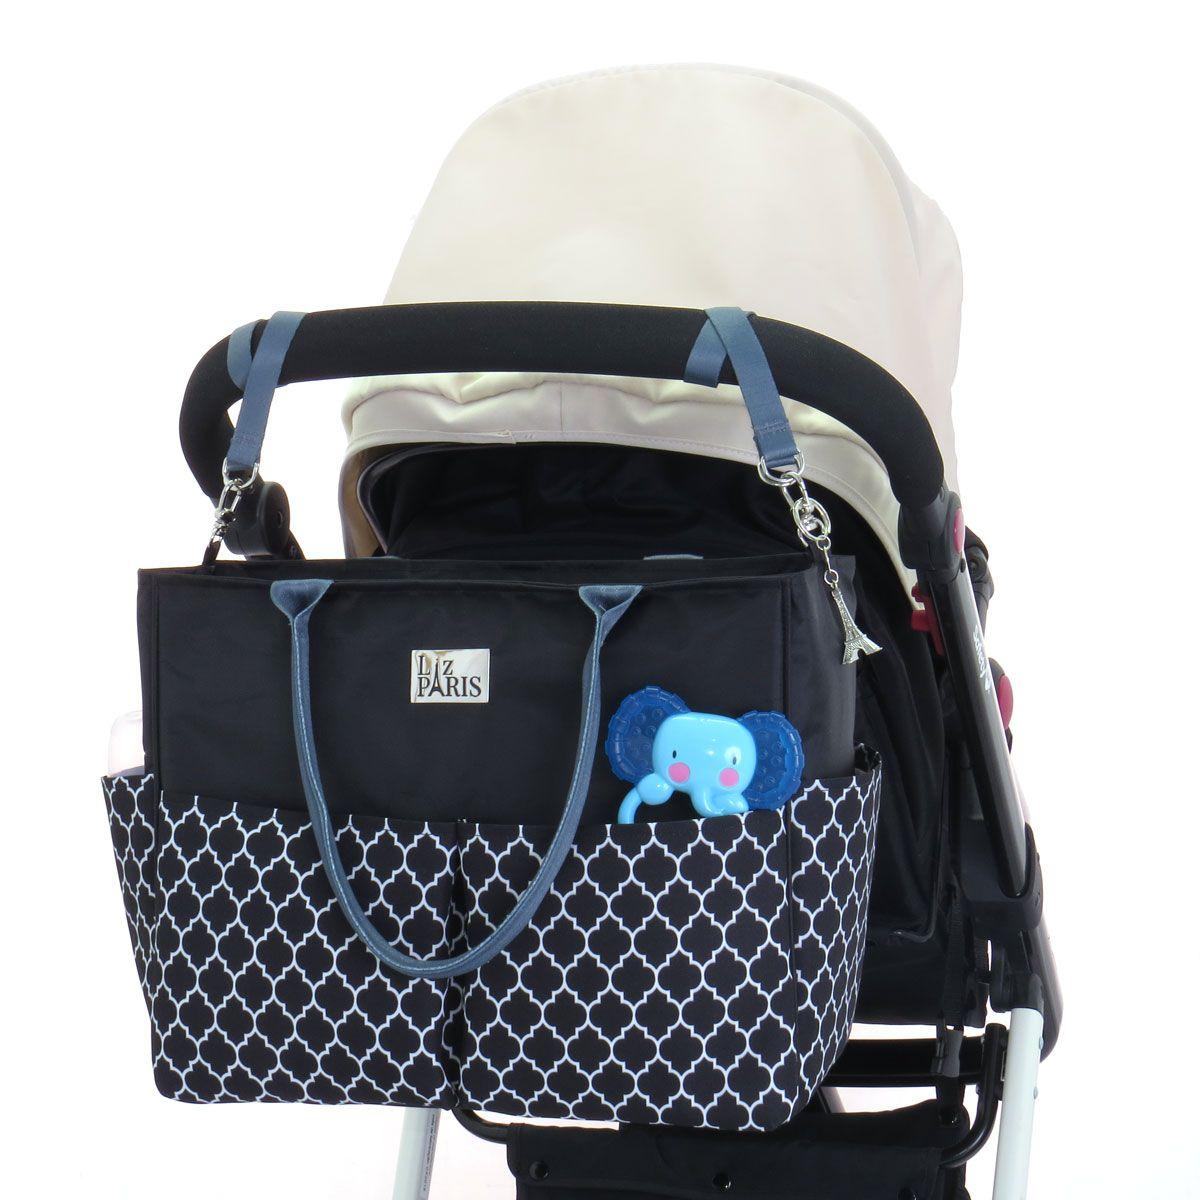 e45e8ec10 Bolsa de bebê Liz Amour - Preta com estampa | Bolsa de bebê